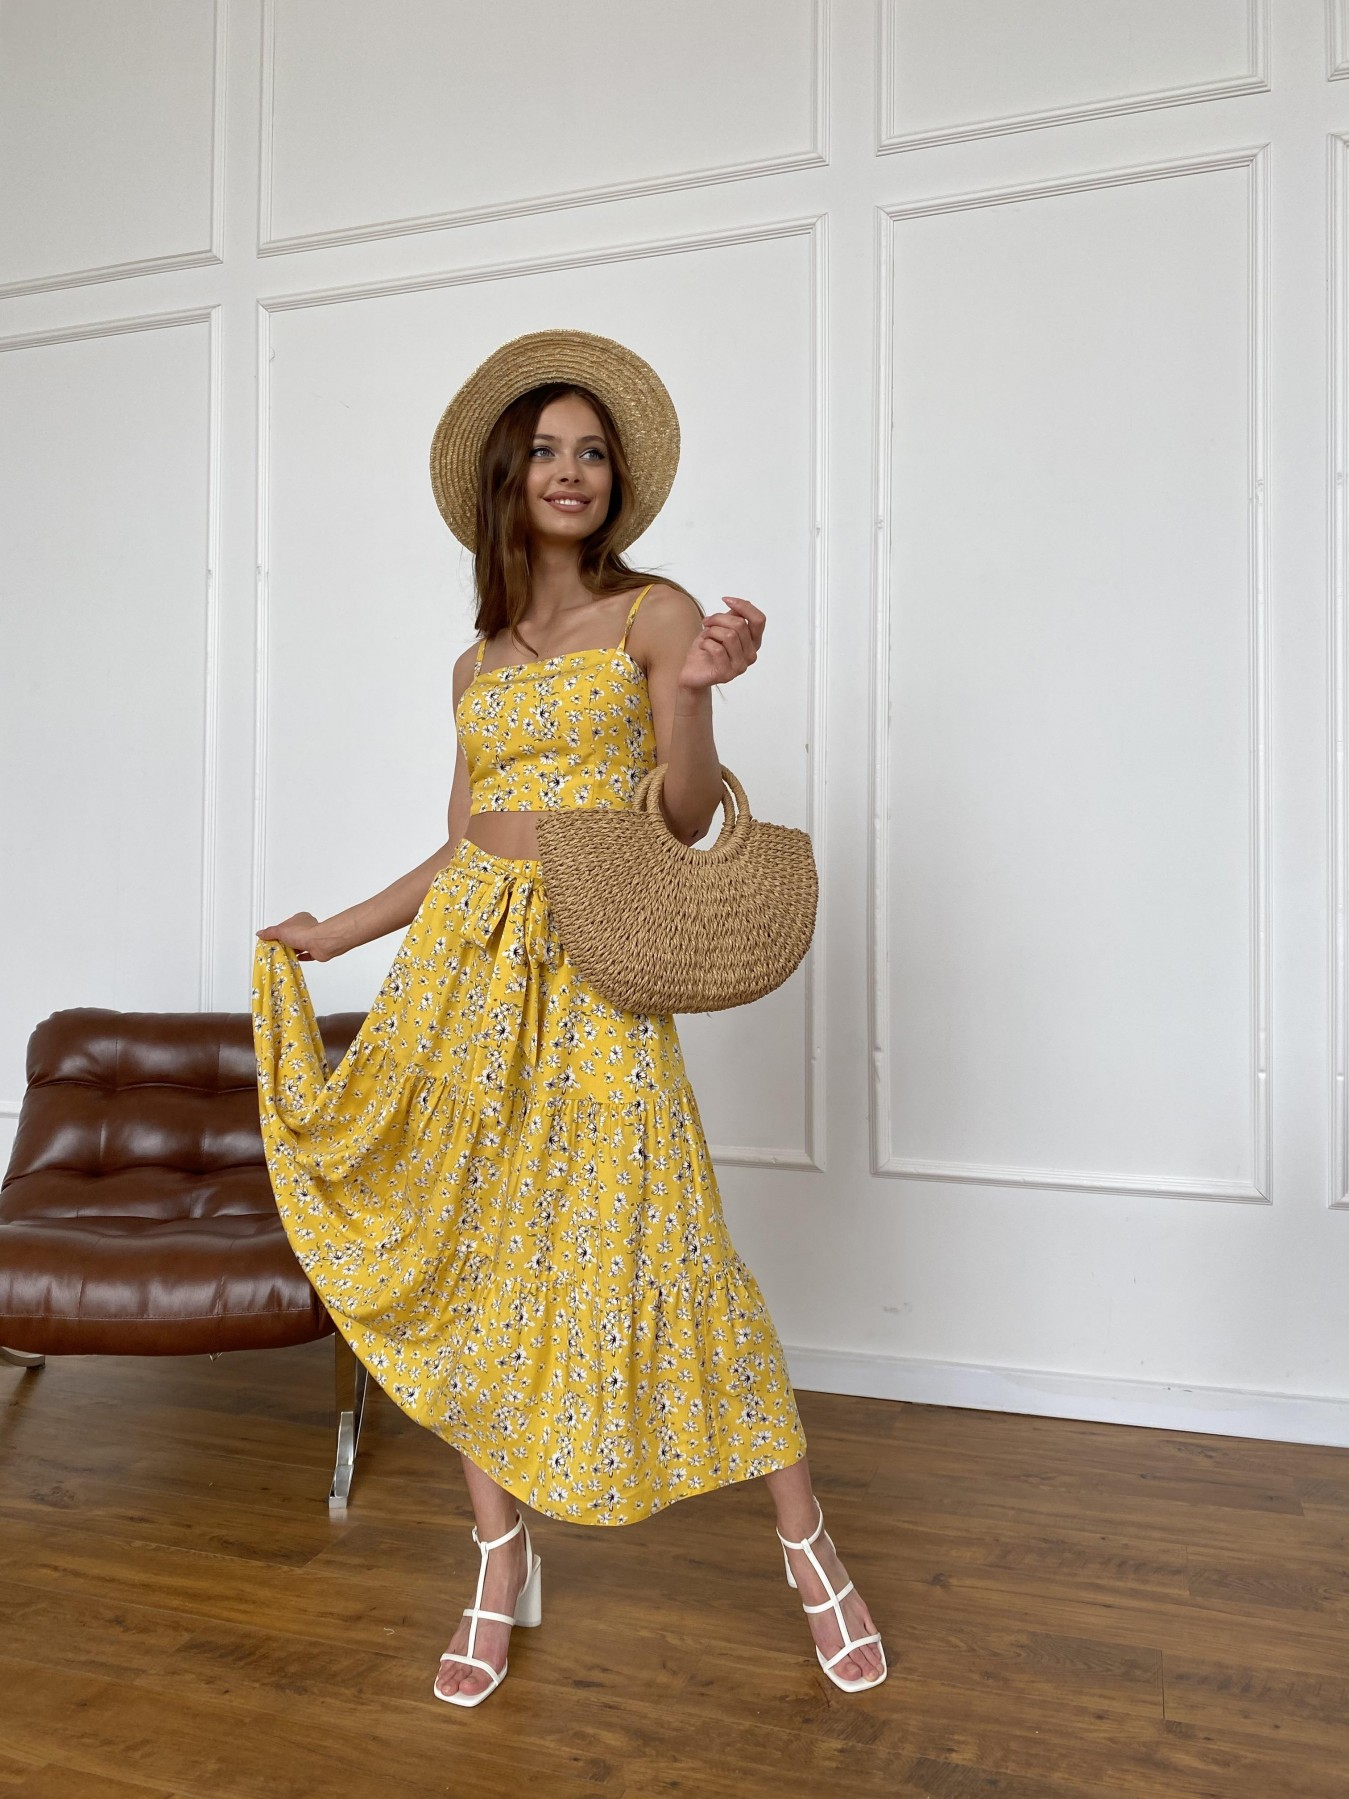 Ницца костюм из штапеля с принтом 11412 АРТ. 47960 Цвет: Желтый/БелыеЦветочки - фото 4, интернет магазин tm-modus.ru